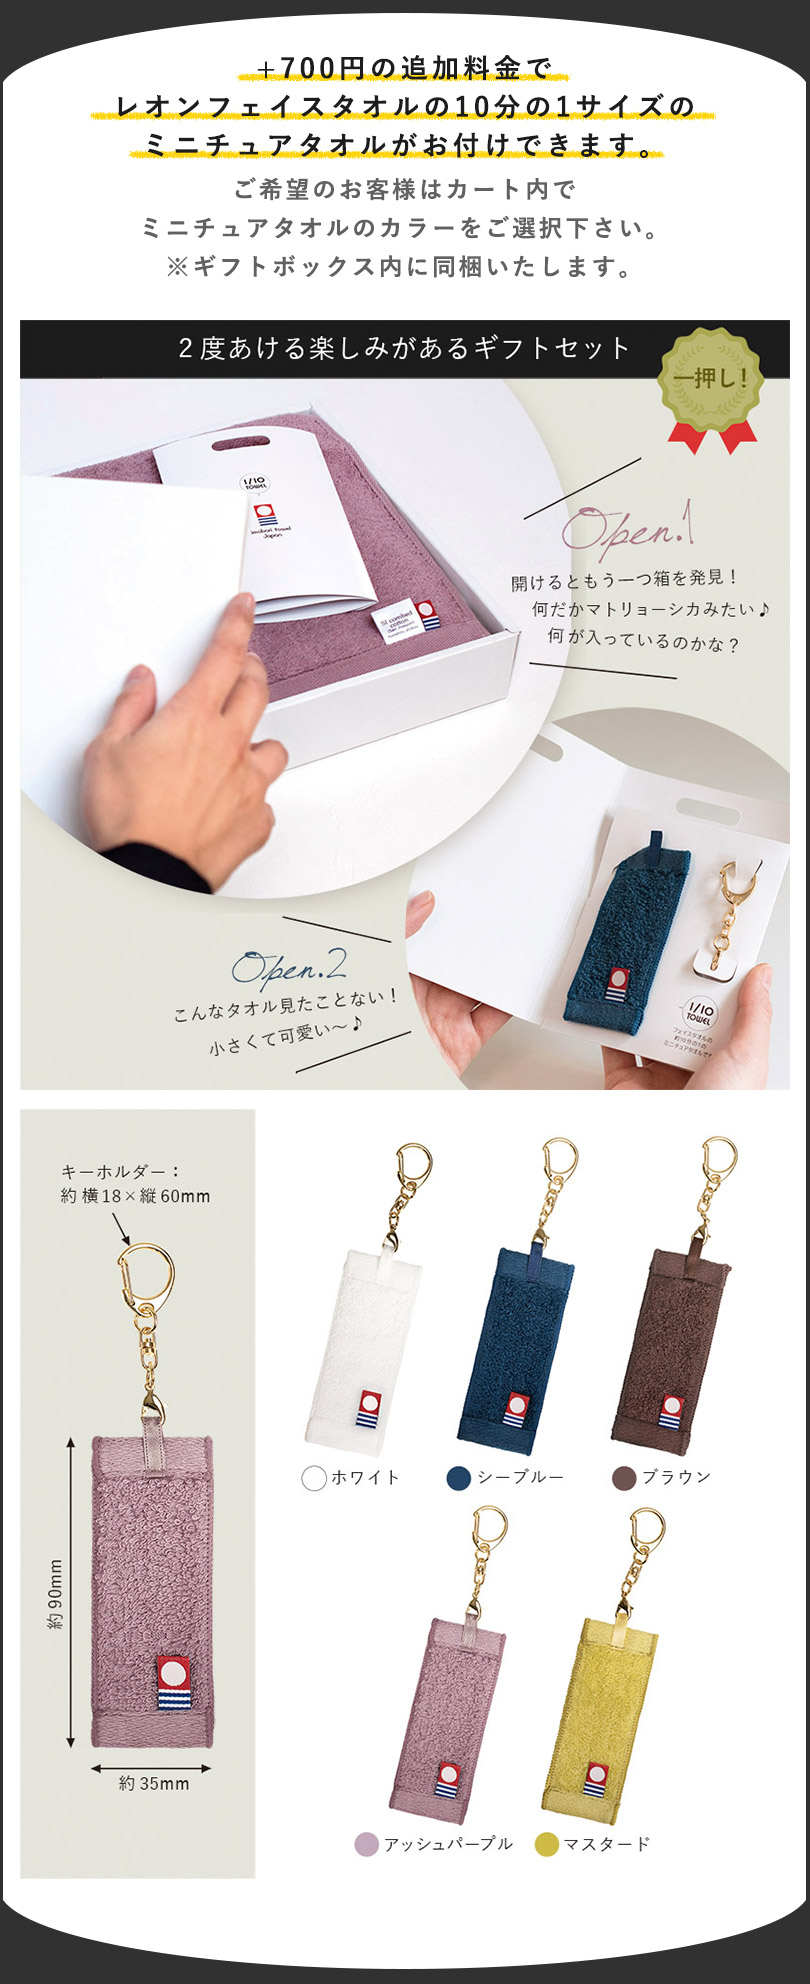 日本製 今治タオル バスタオル フェイスタオル ギフト 刺繍